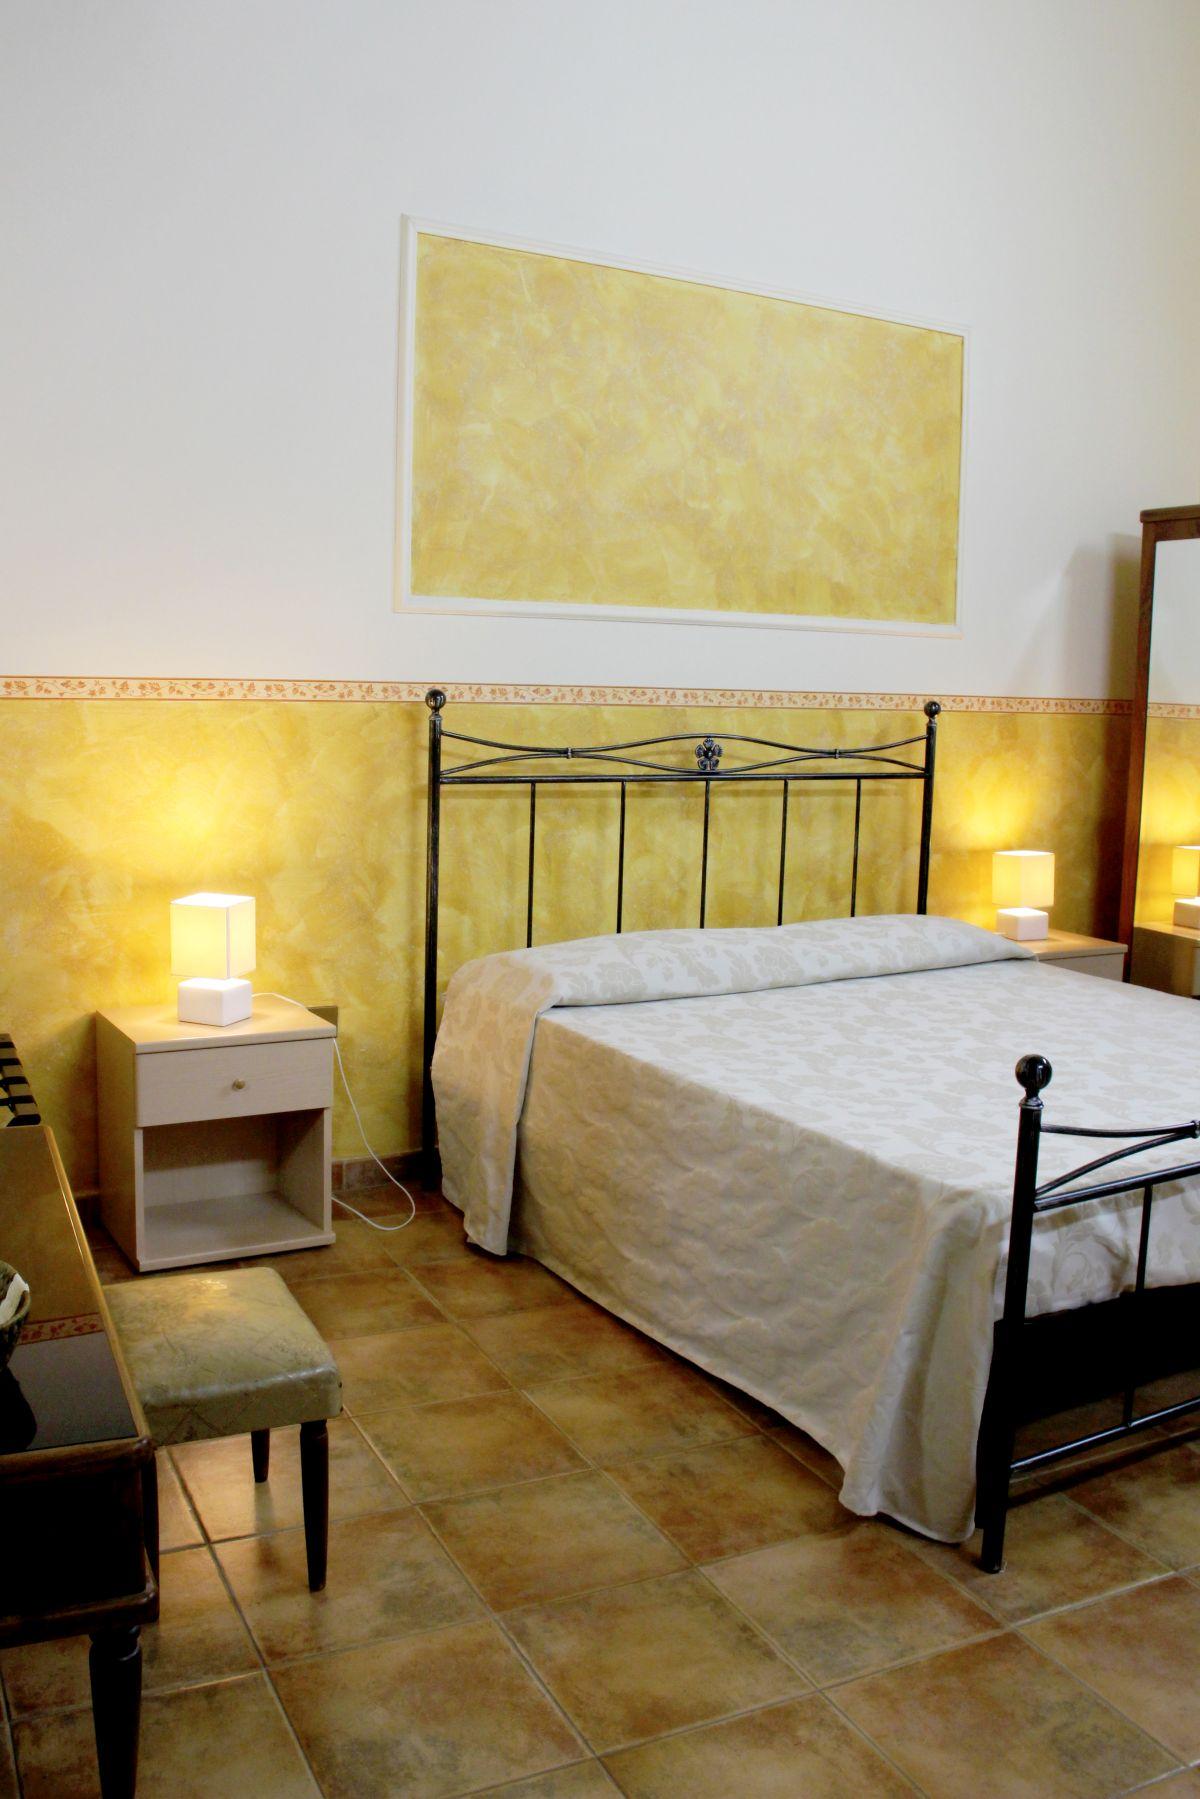 galleria immagini-hostel-il-tetto-ostello-alloggio-camera-vacanza-dormire-melfi-potenza-basilicata (52)